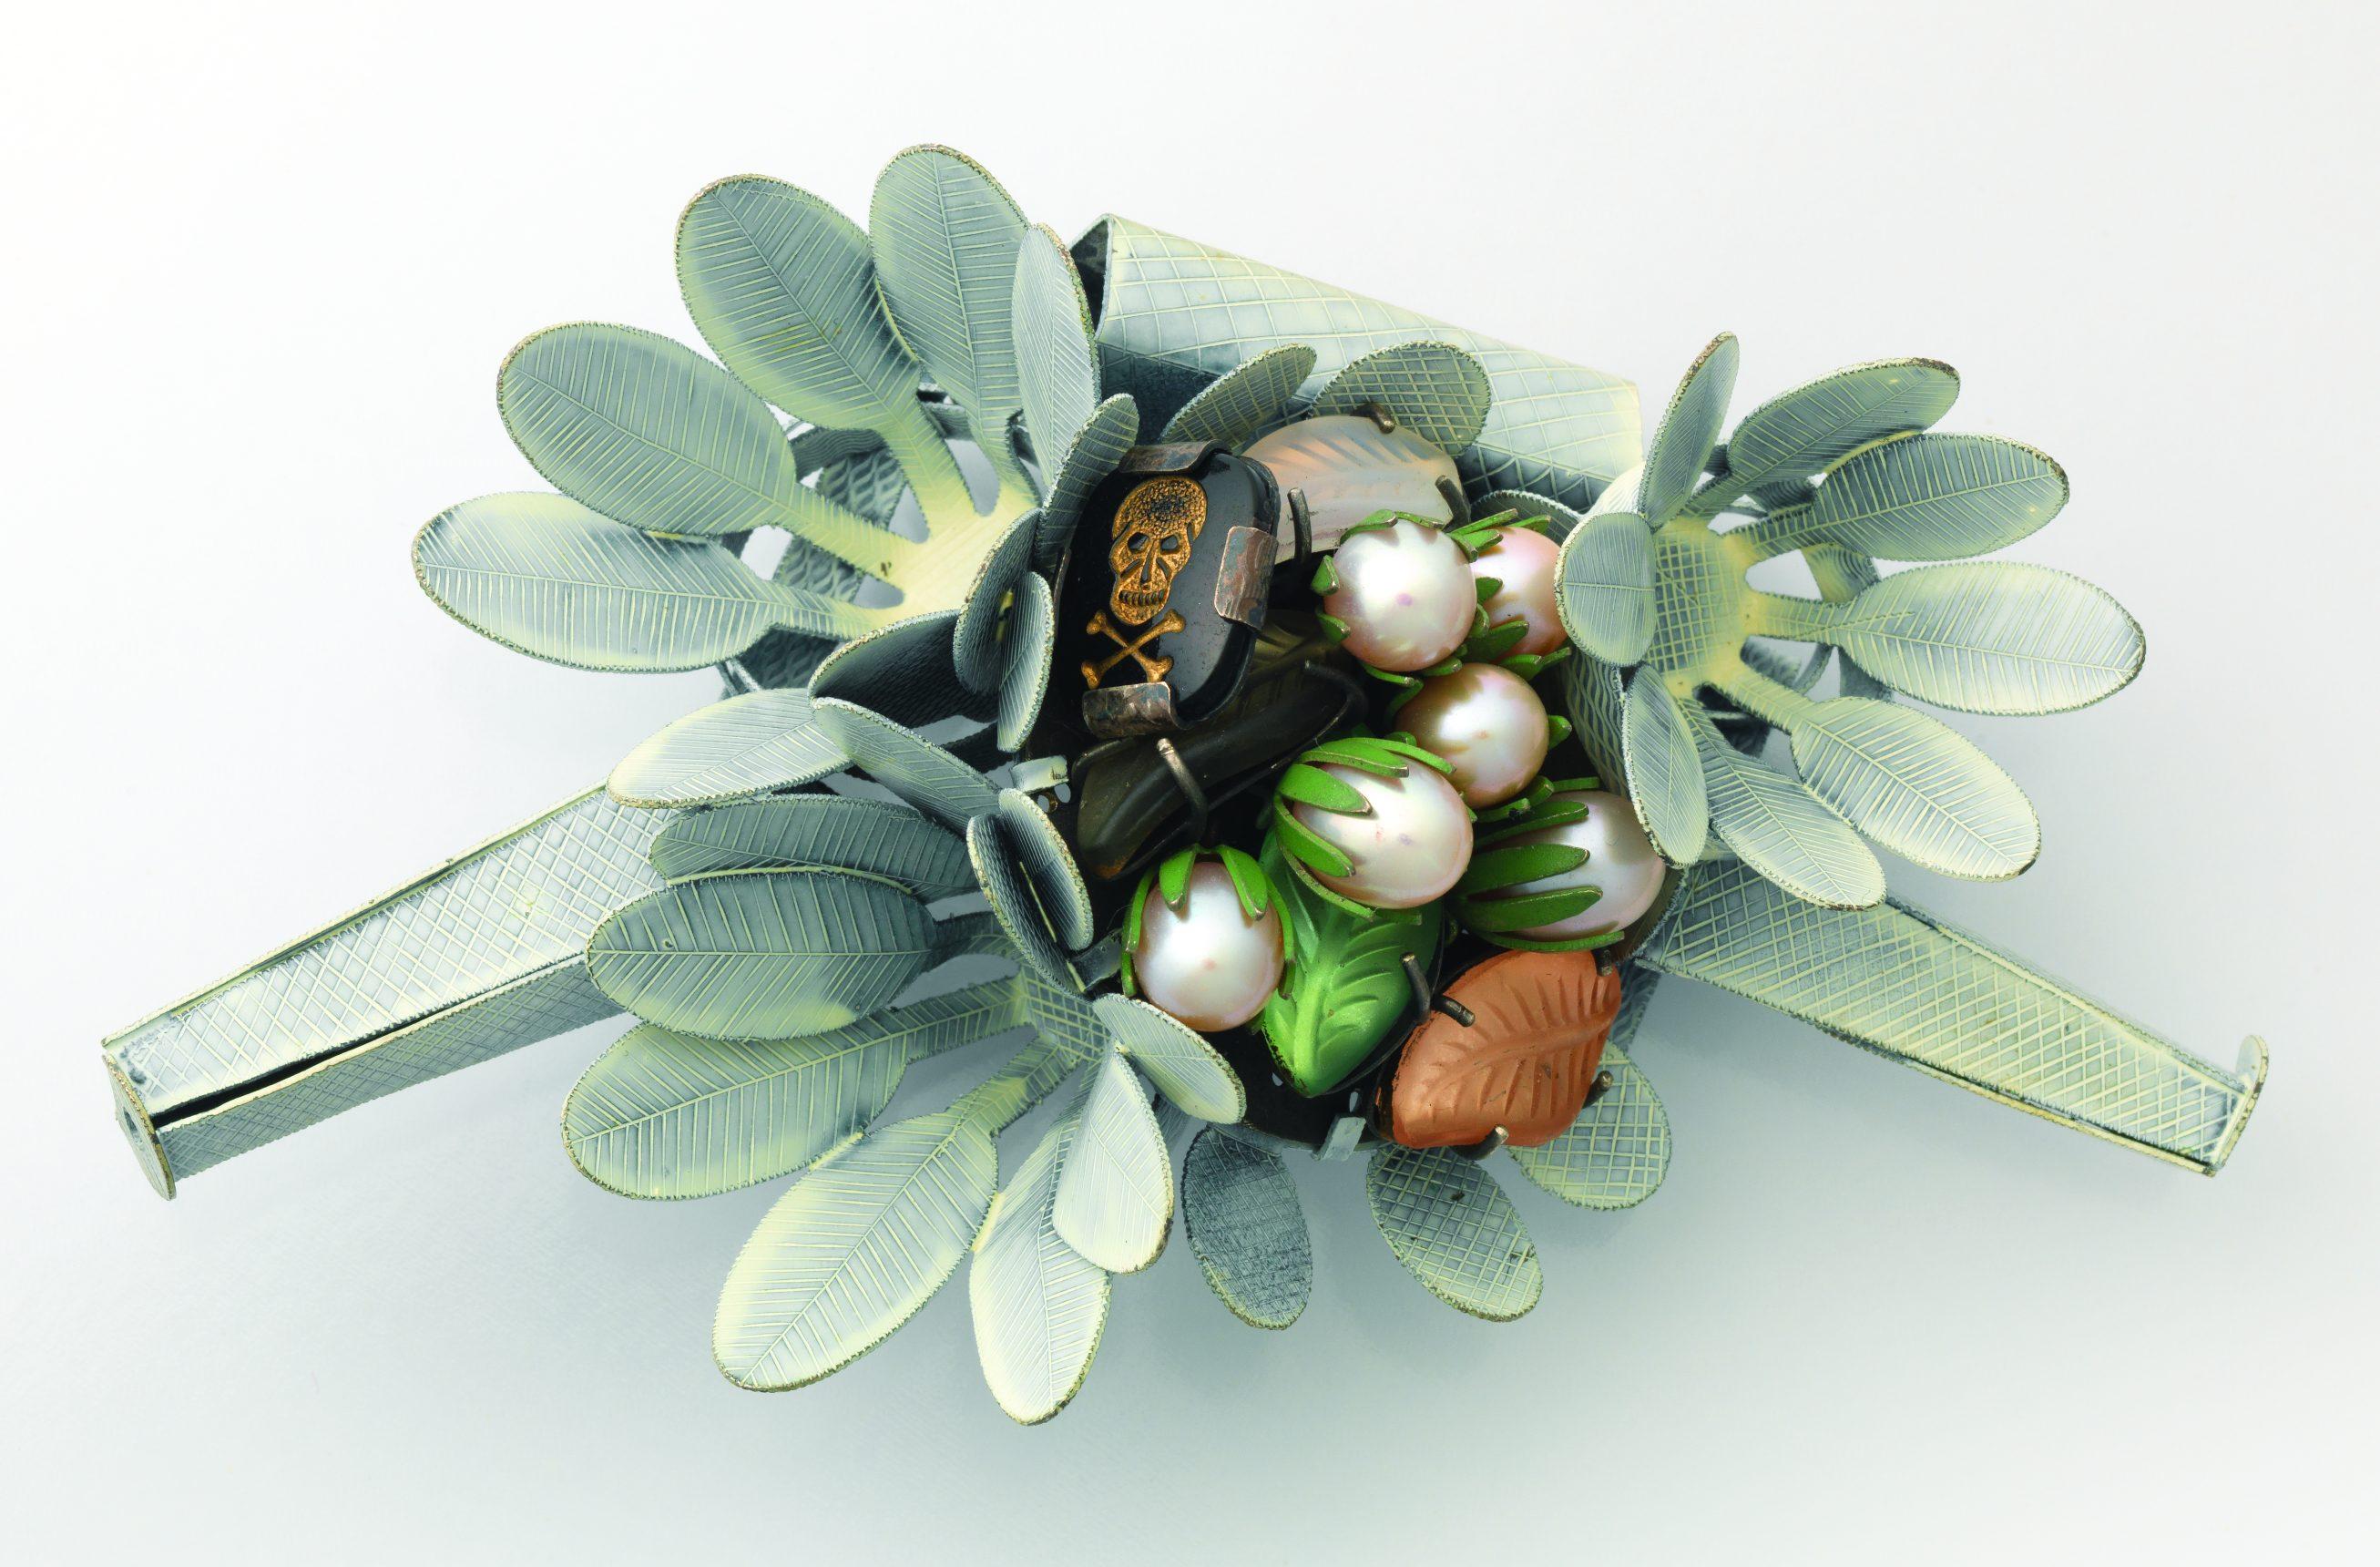 Helen Britton, Poison Island, broche, 2006-2007. Collectie MAD. Foto MAD, zilver, verf, glas, parels